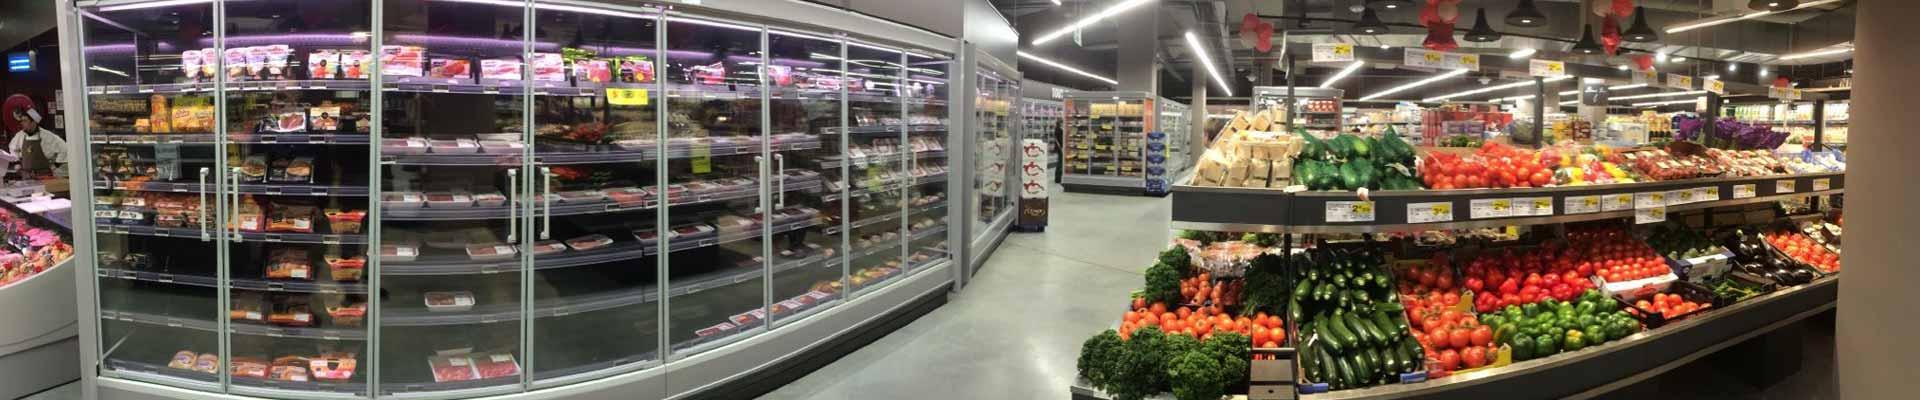 frigoriste 95-78-93-75